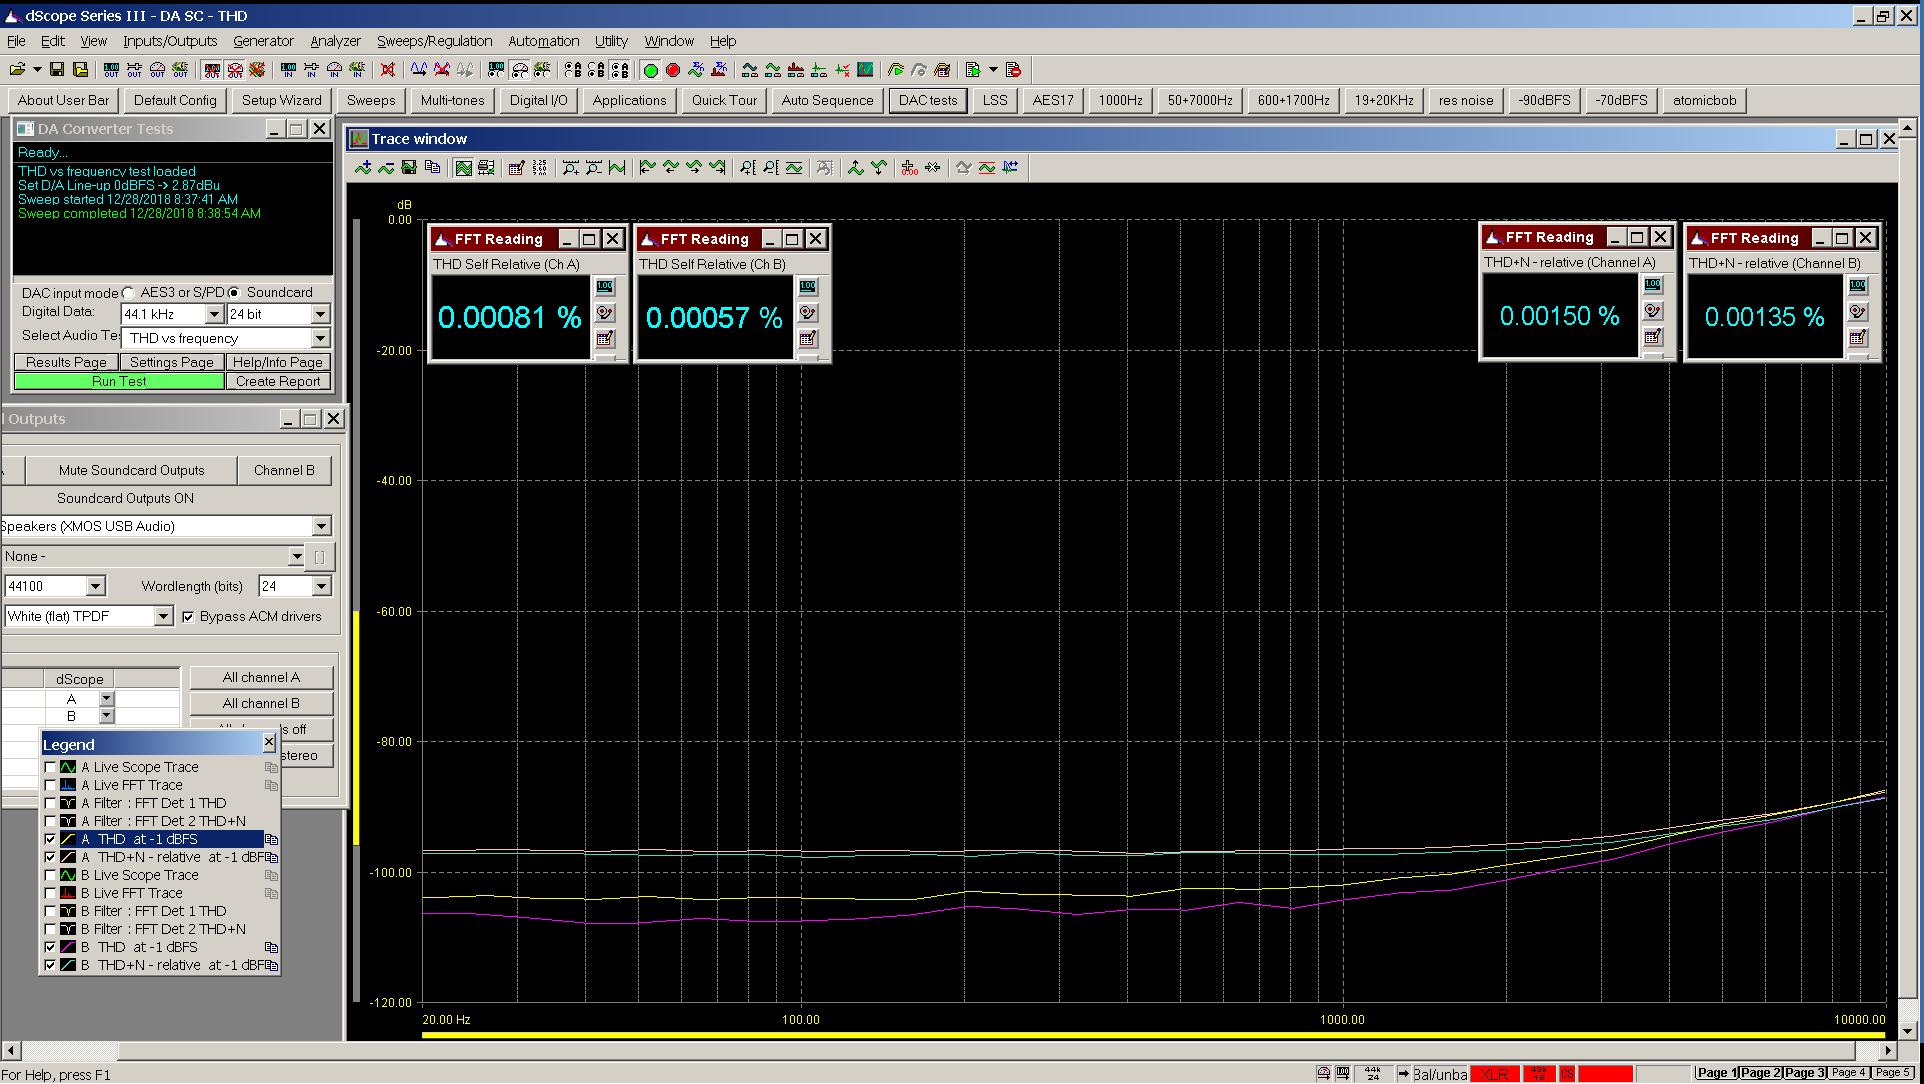 20181227-02 convert2 Bal THD THD+N vs frequency - USB - t1.PNG